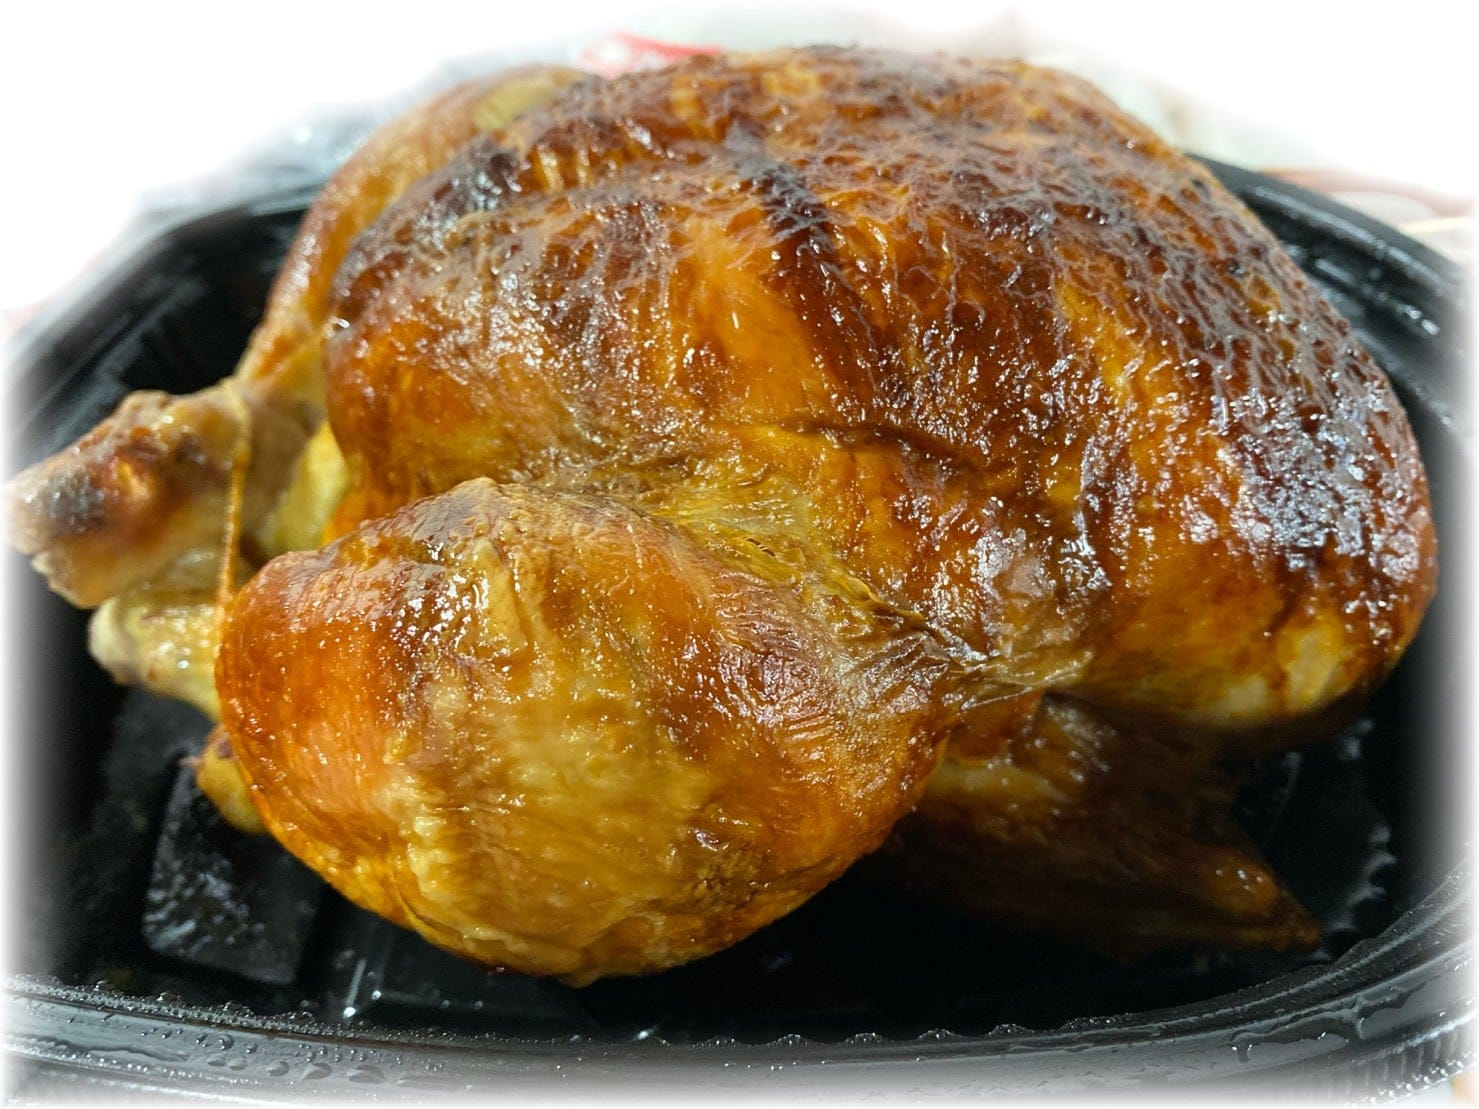 ベルシステム様■現地払い専用■【ローストチキン(丸鶏の丸焼き】 のイメージその1